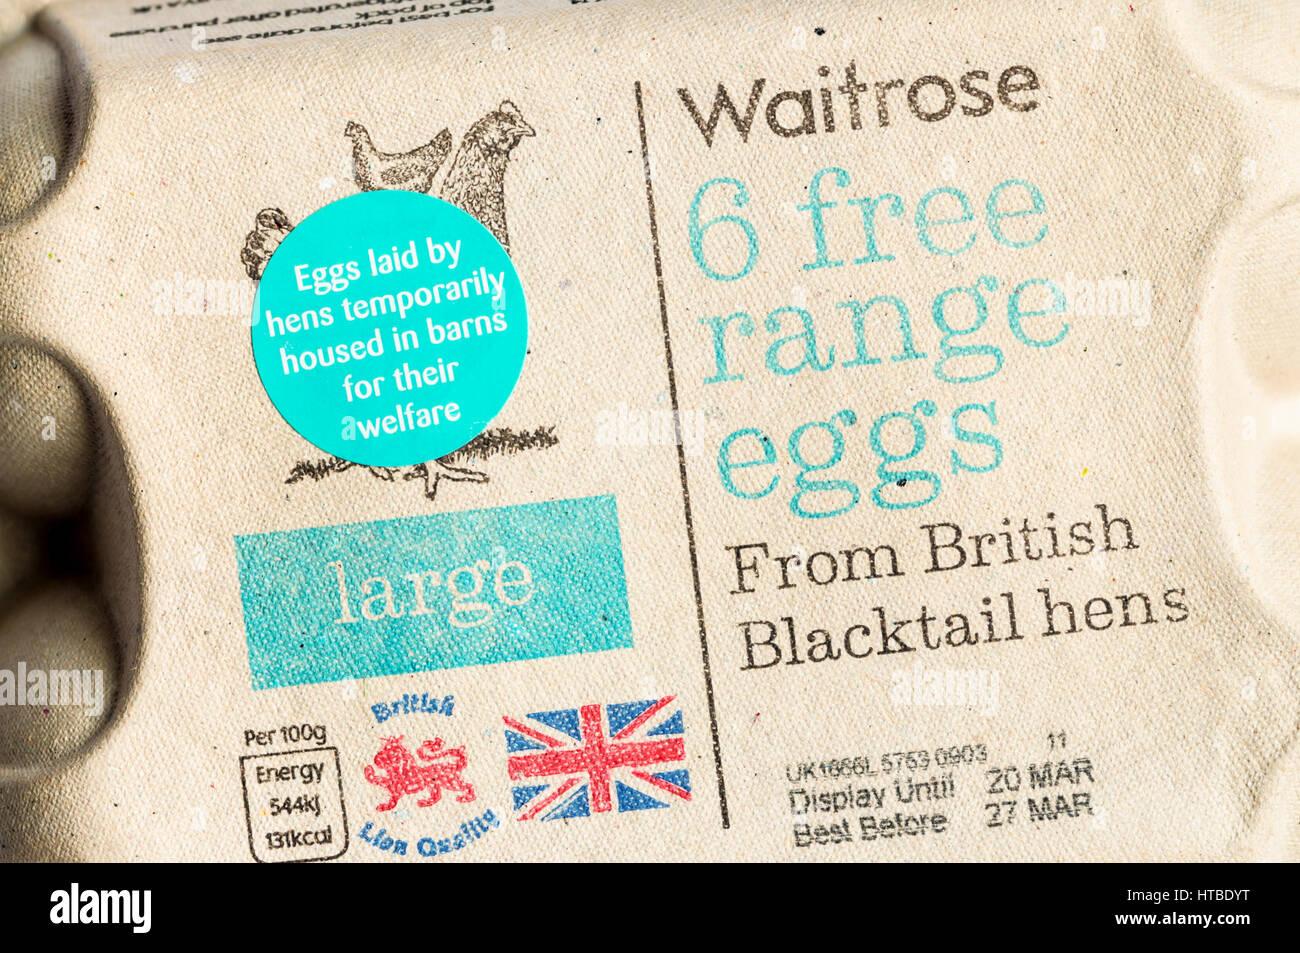 Aufkleber auf Eierkarton sagt, dass die freilaufenden Hühner derzeit drinnen aufbewahrt werden. Aufgrund einer Notunterkunft Anordnung als Vorsichtsmaßnahme gegen die Vogelgrippe. Stockfoto